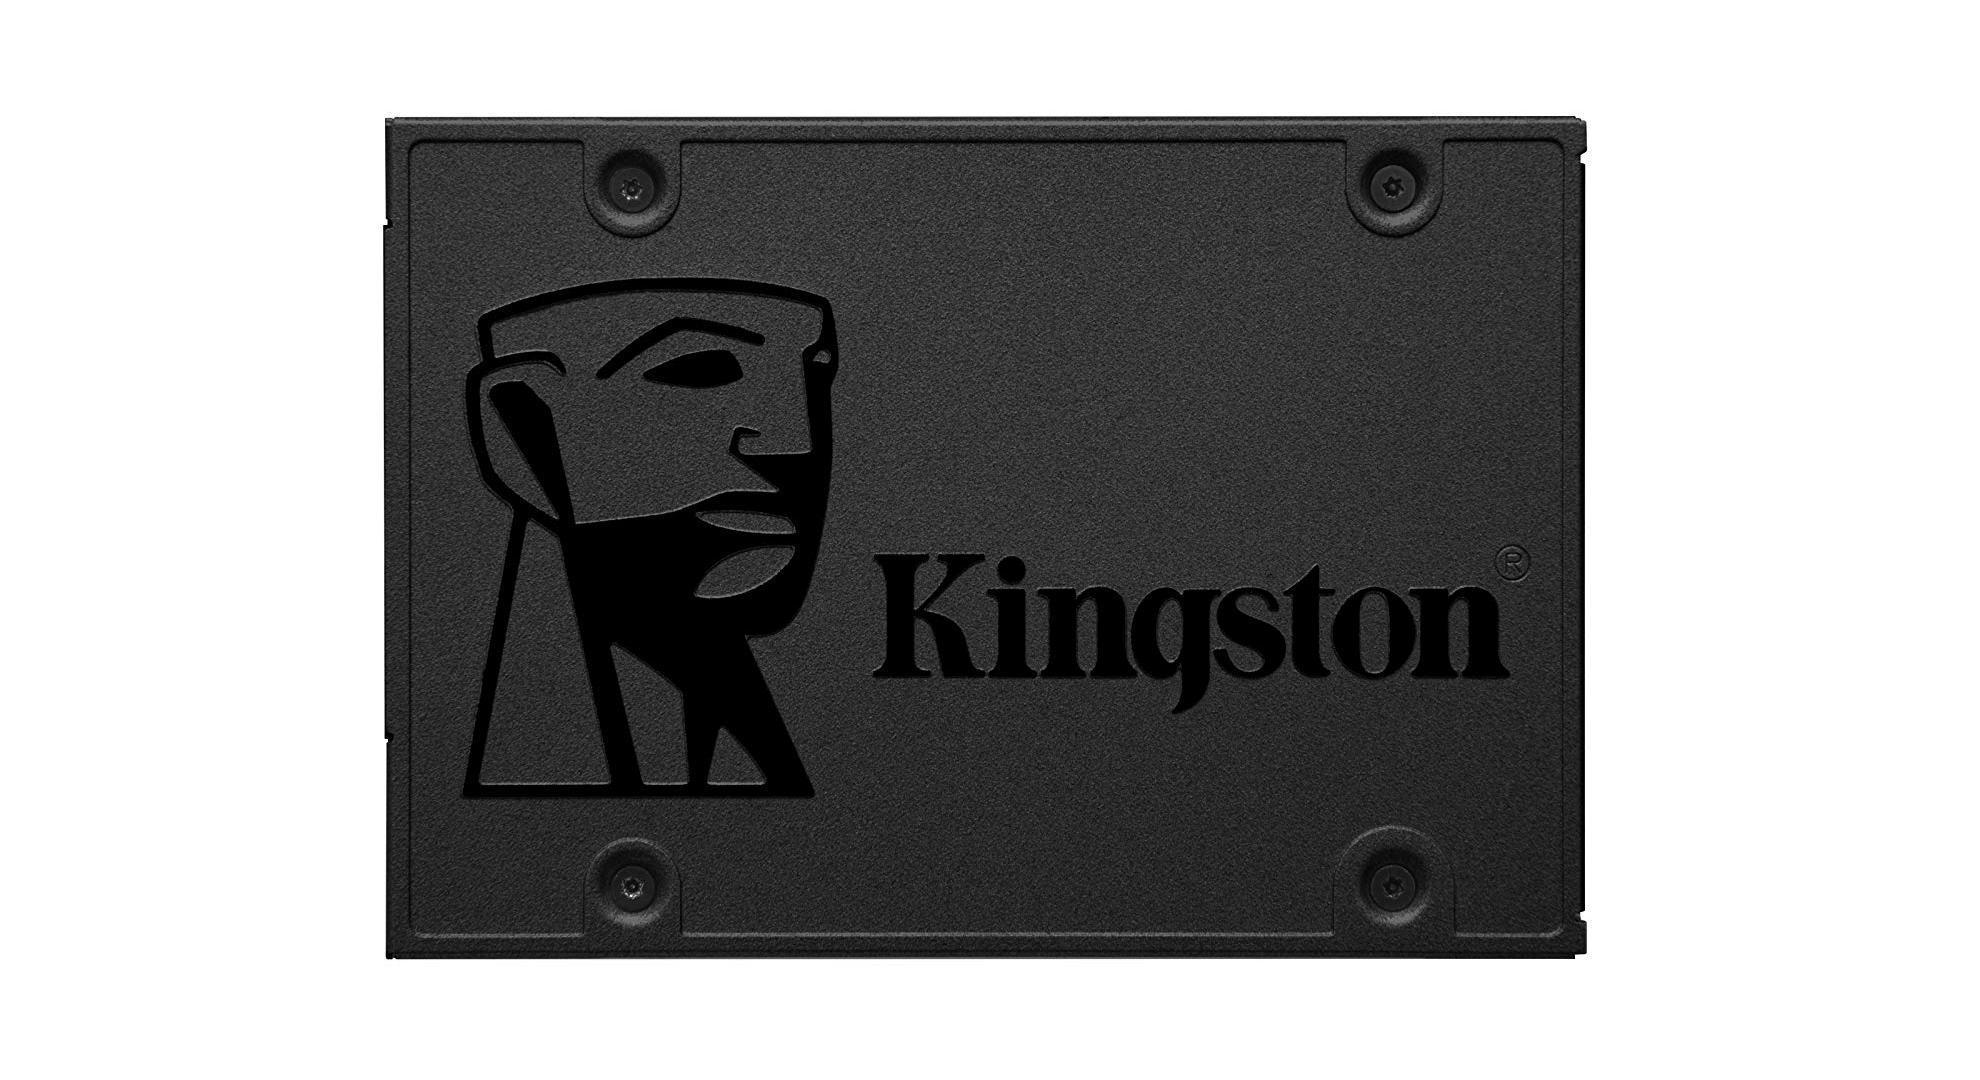 Moins de 10 centimes le Go avec ce SSD Kingston d'une capacité de 480 Go